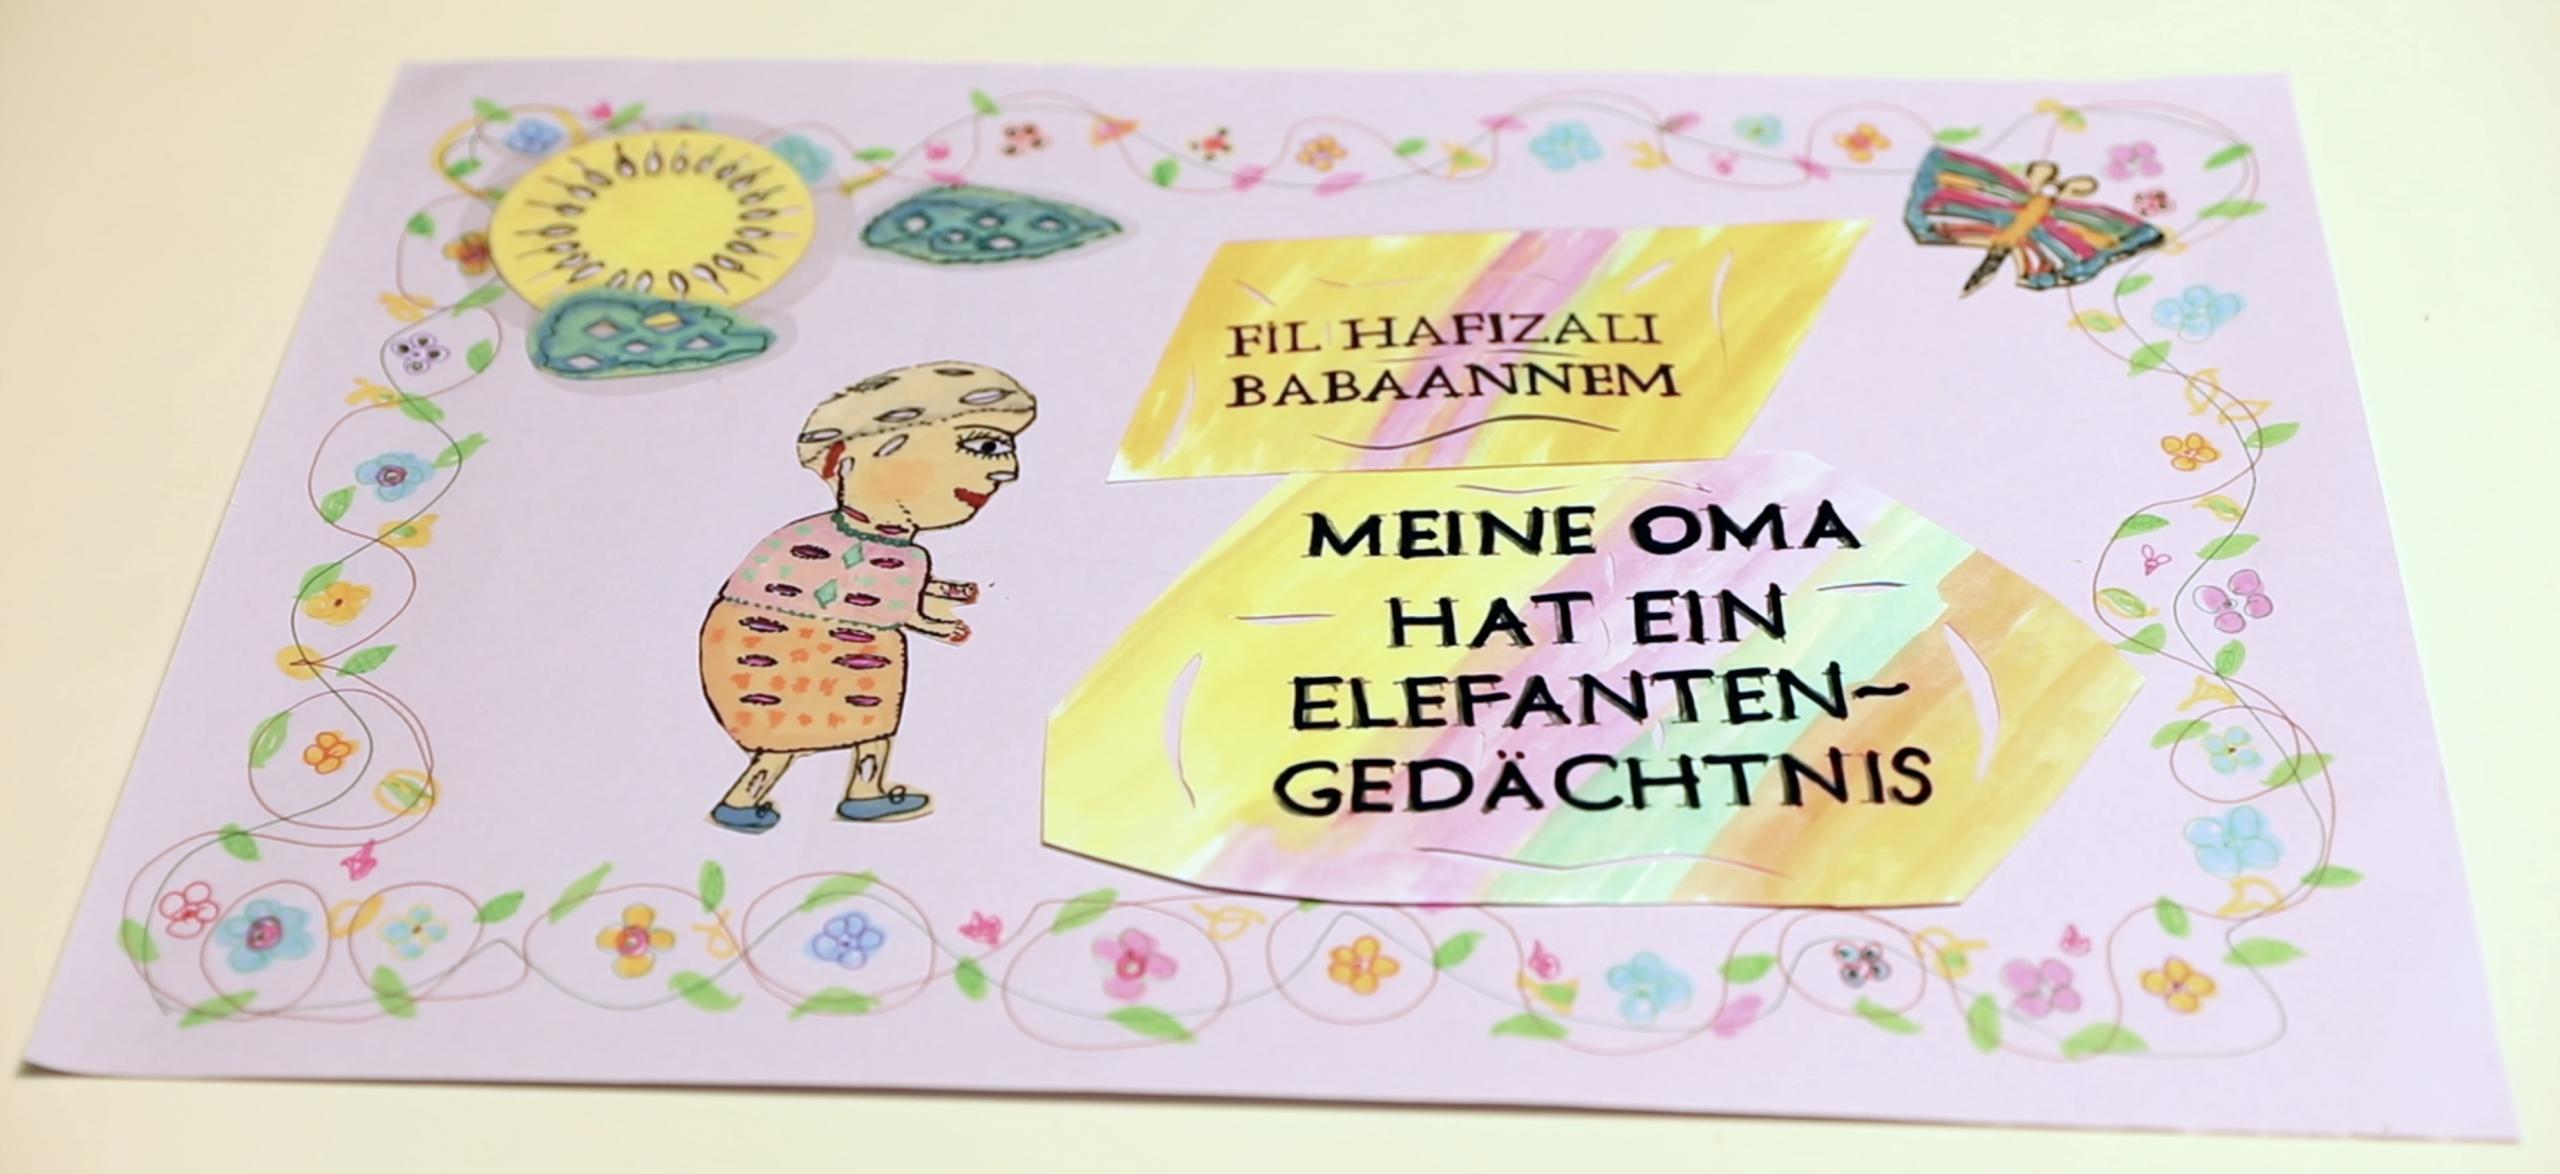 »Meine Oma hat ein Elefantengedächtnis!« »Fil Hafizali Babaannem«